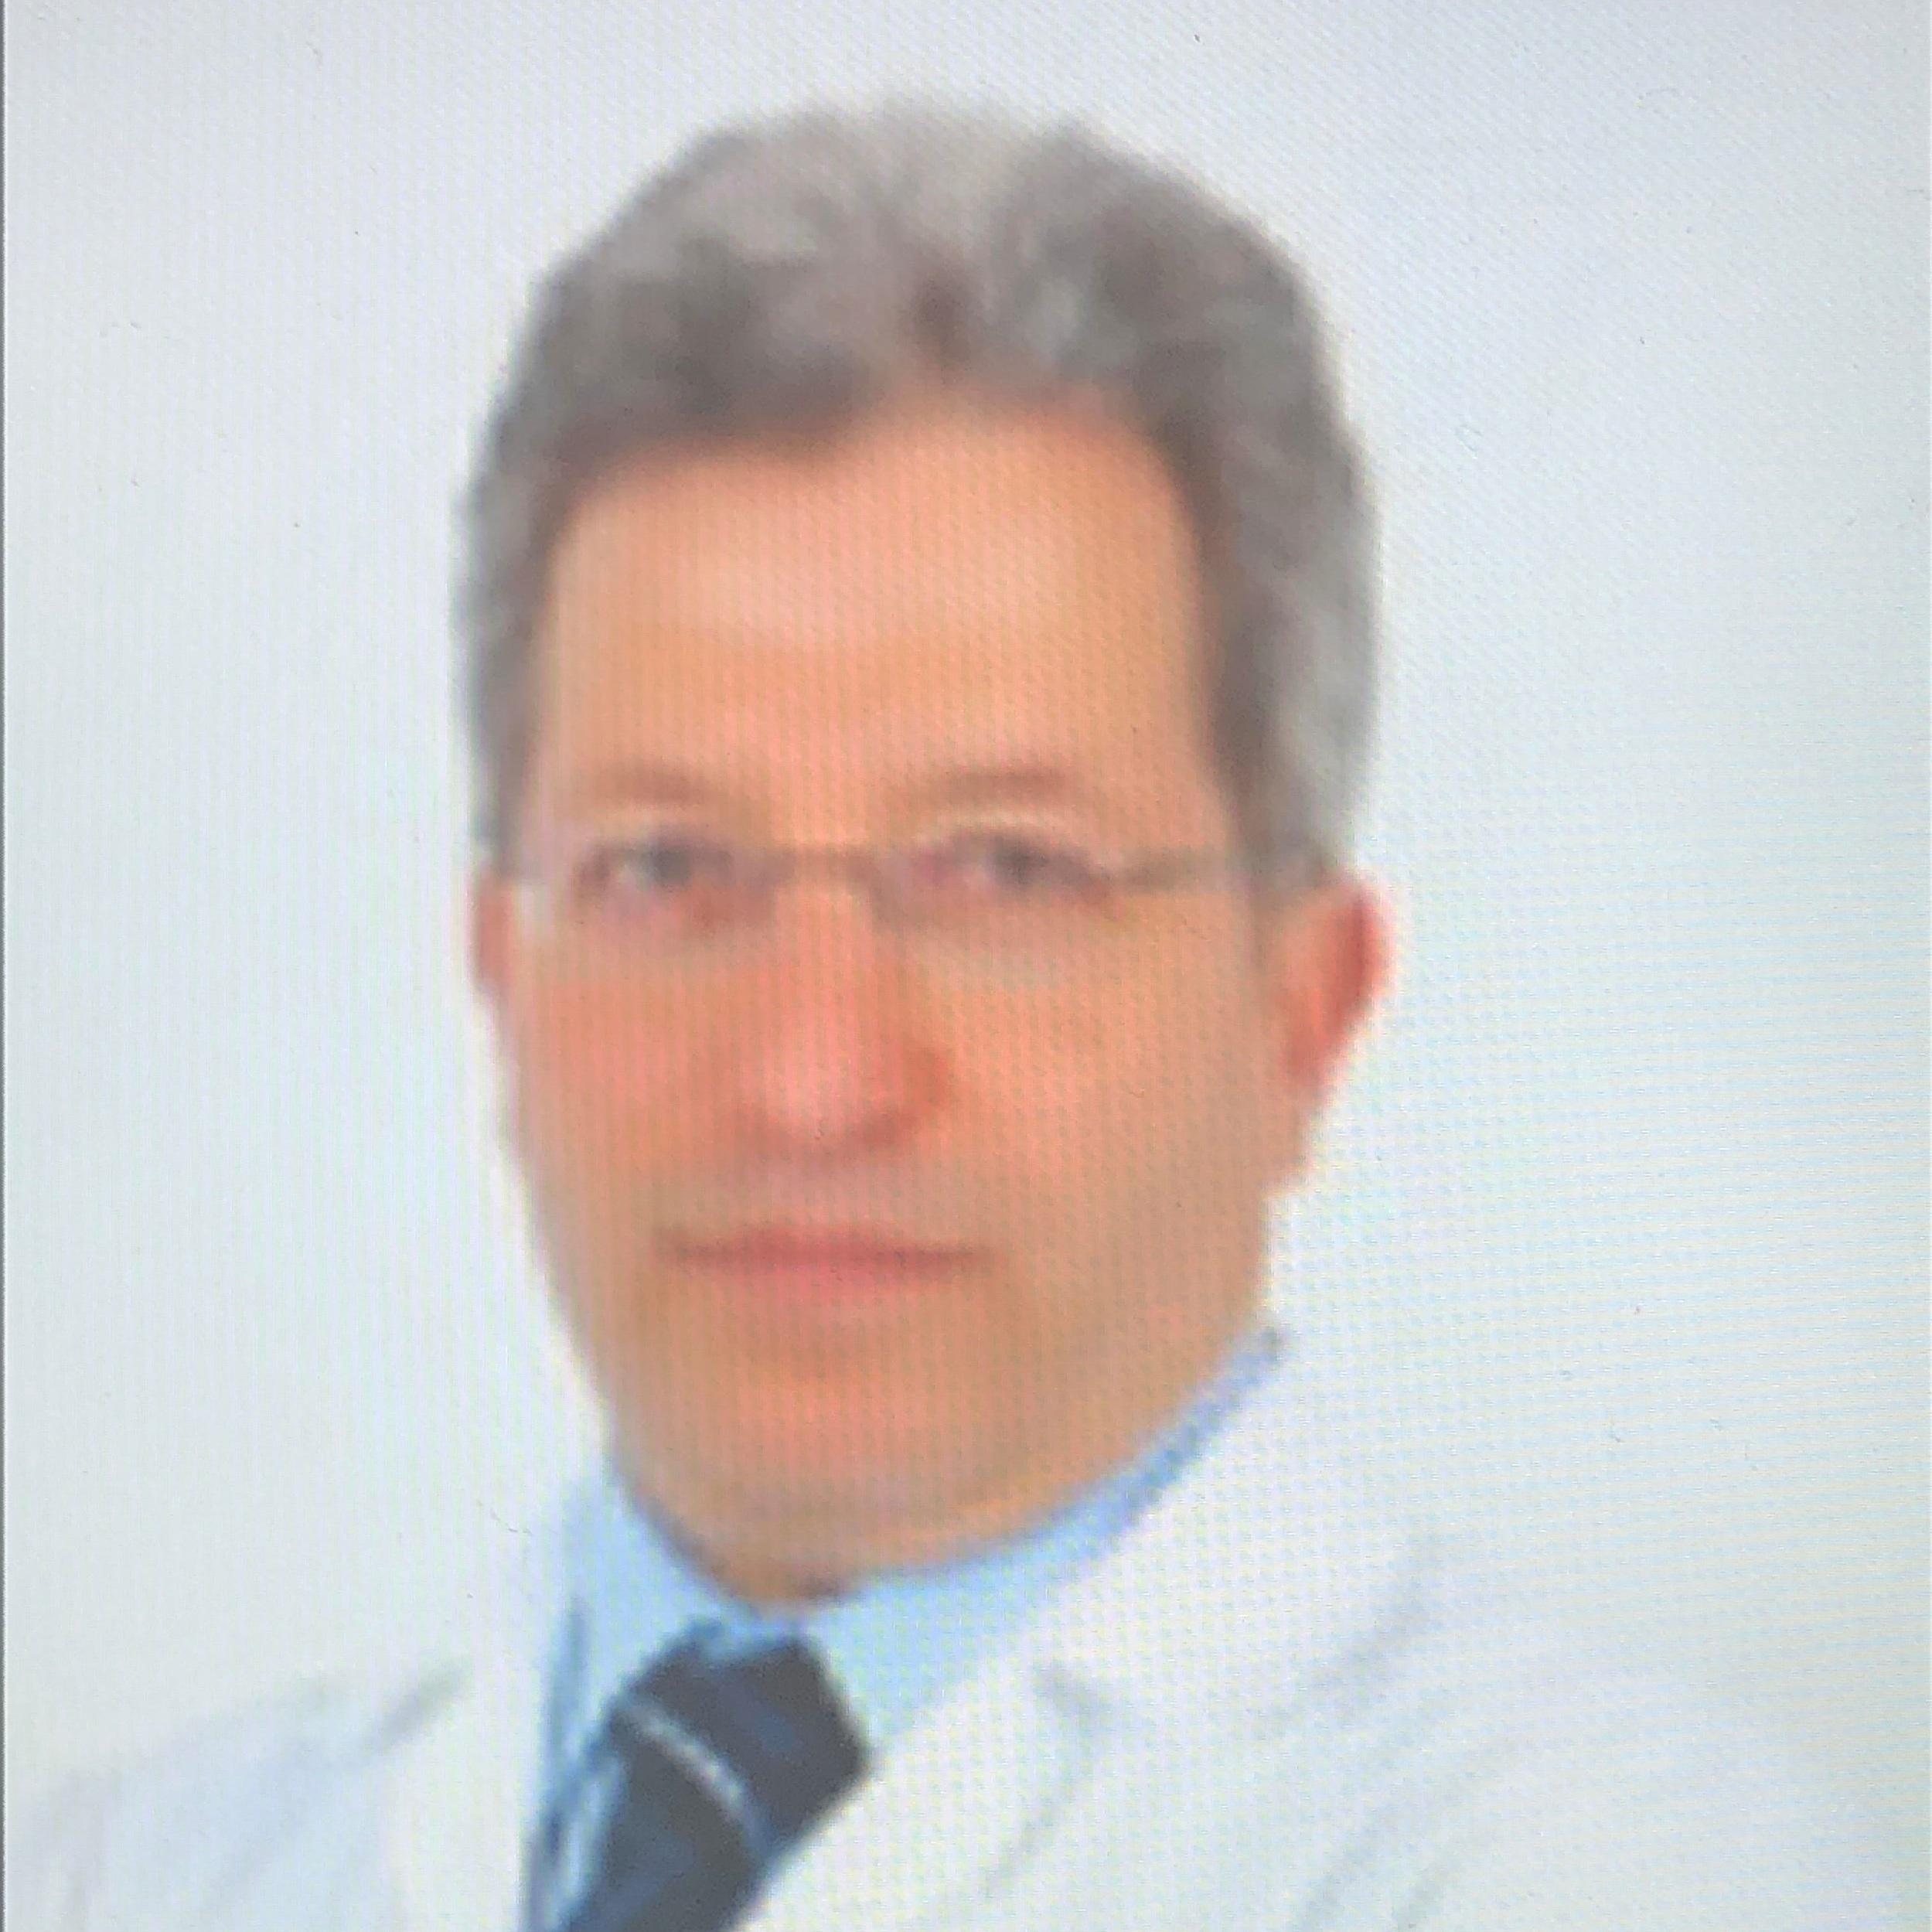 Paul Daher